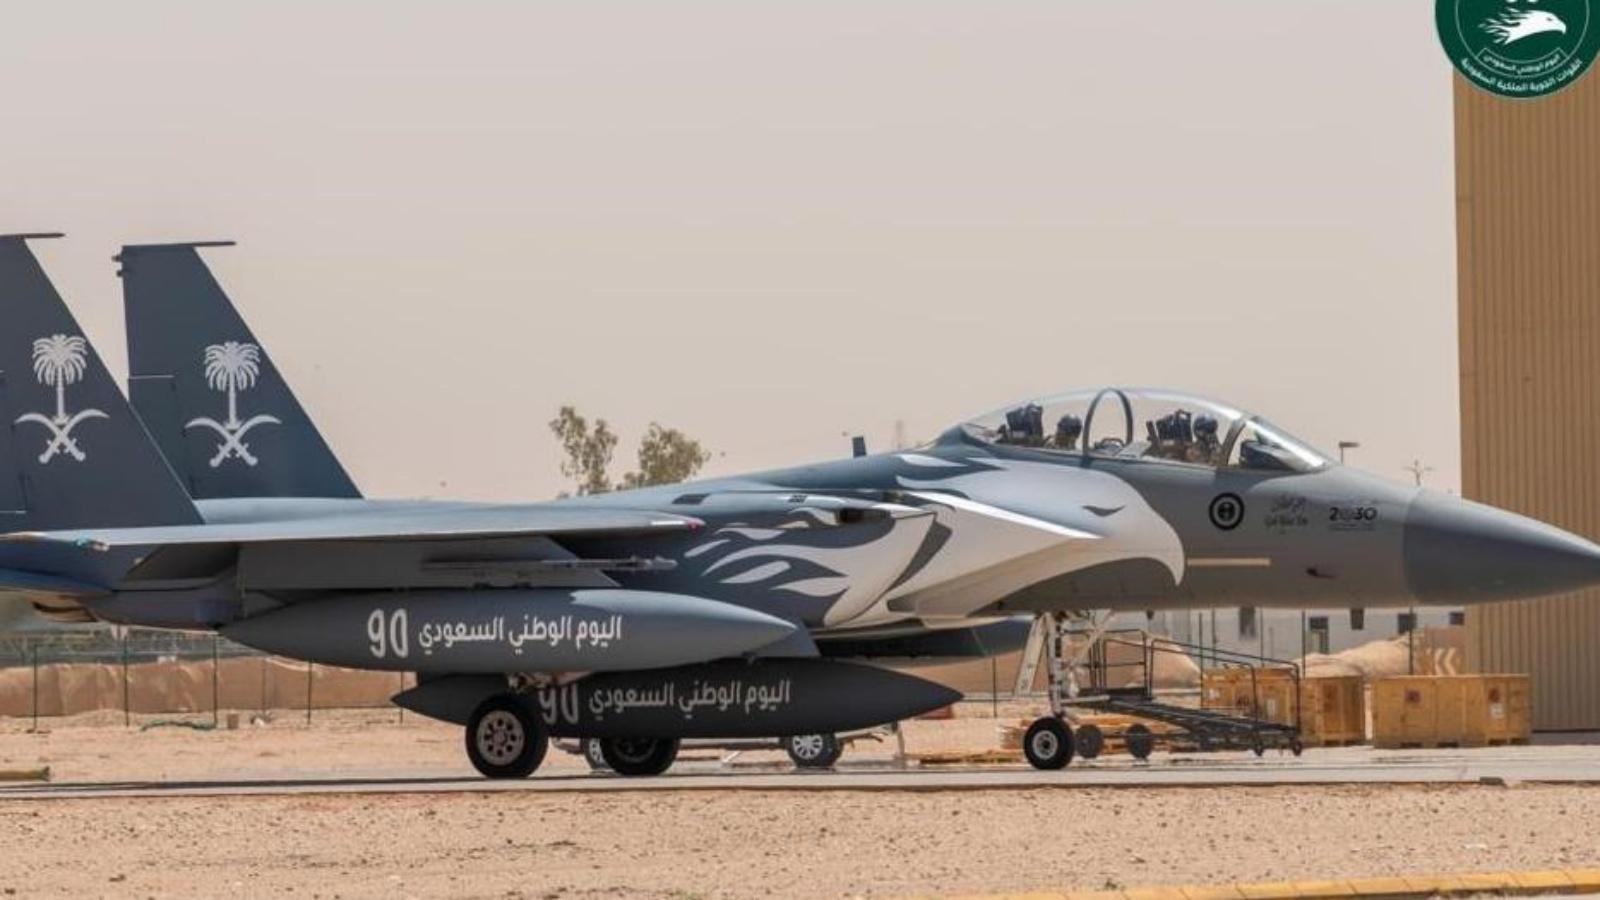 السعودية نيوز |  أكبر عرض جوي لليوم الوطني السعودي